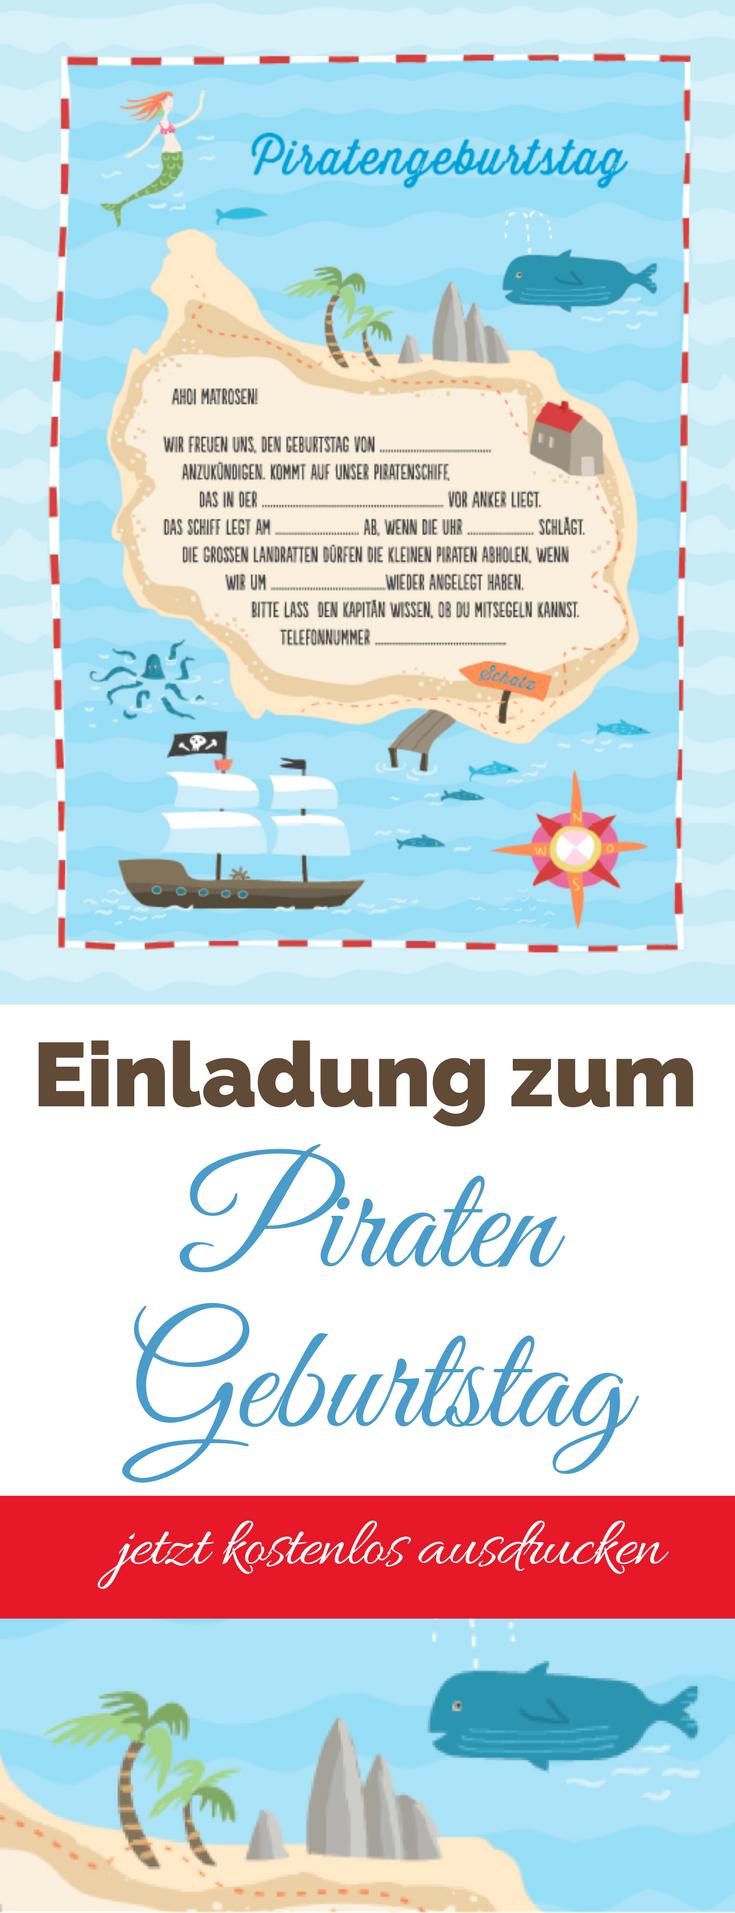 Piratenparty Einladung Kostenloser Download Zum Selbst Ausdrucken Geburtstagseinladungen Kinder Vorlage Einladung Kindergeburtstag Einladung Kindergeburtstag